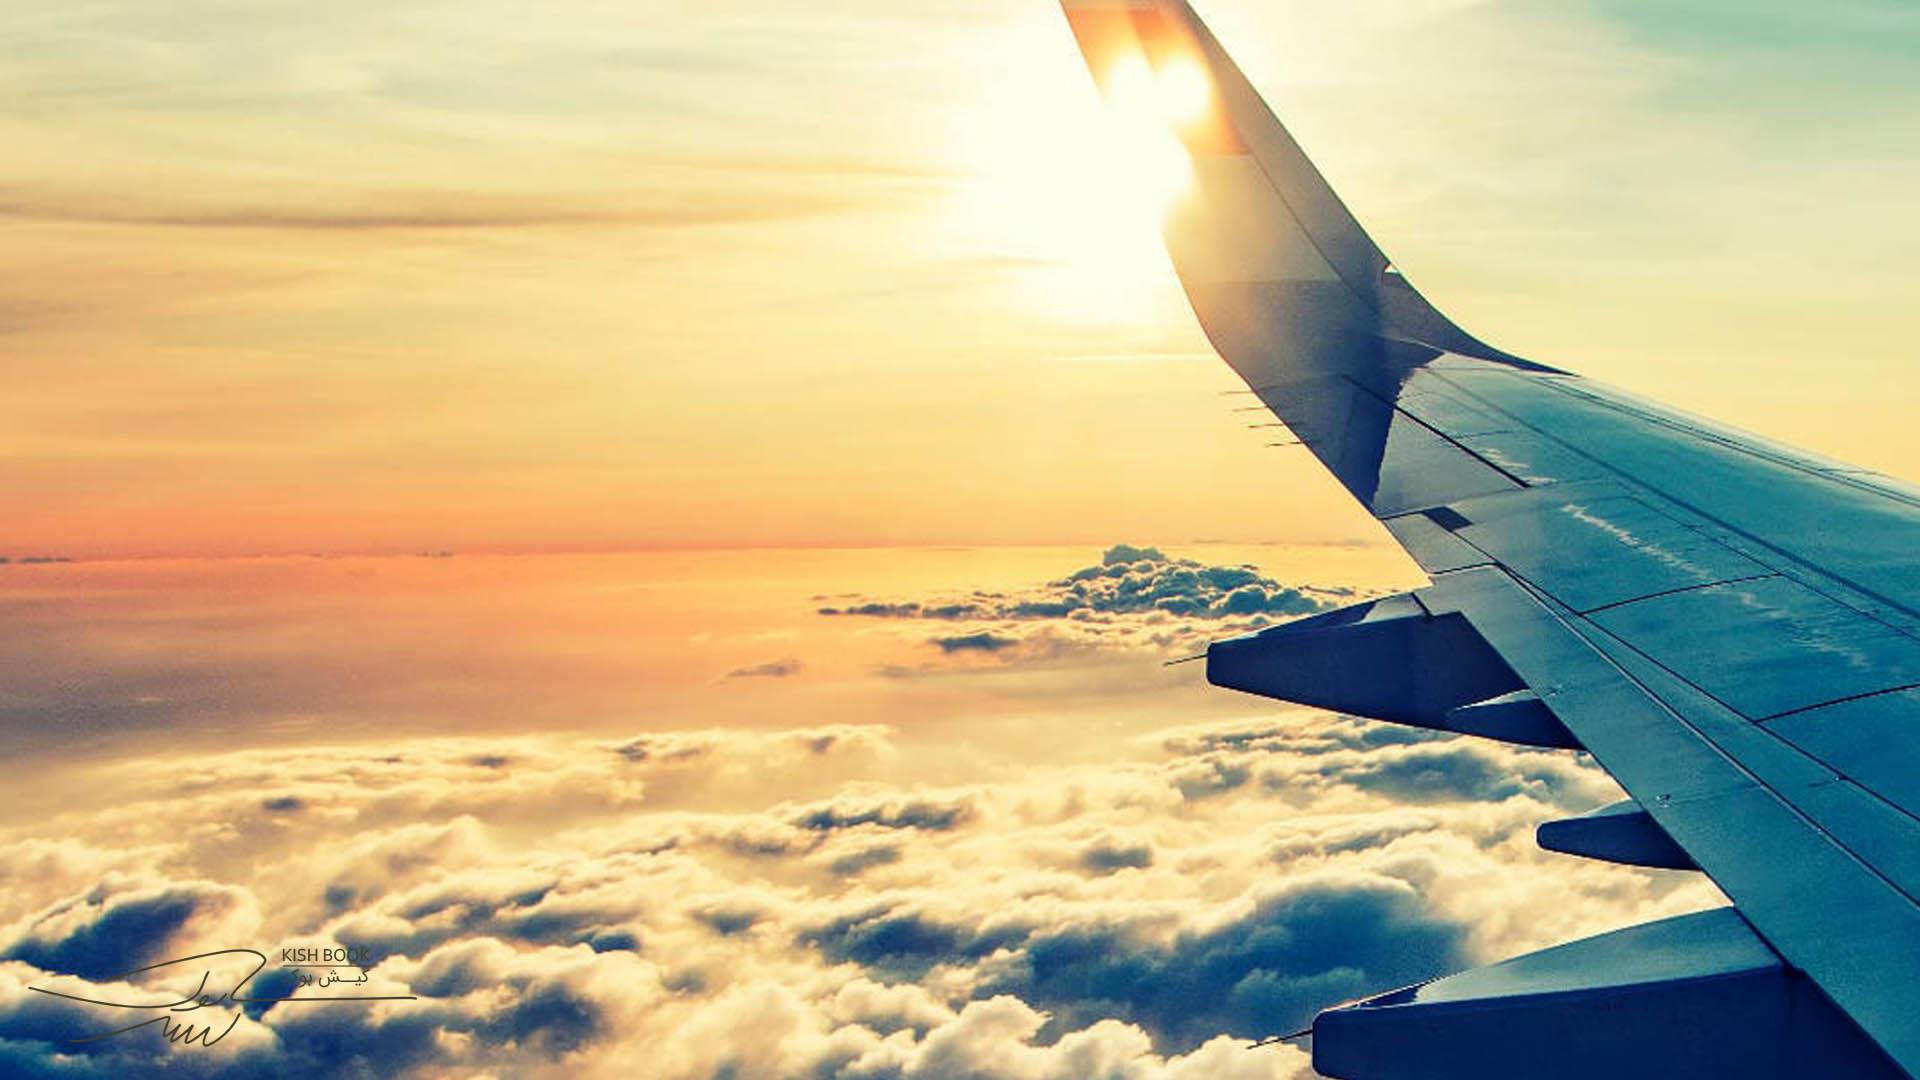 سفر هوایی از تهران به کیش